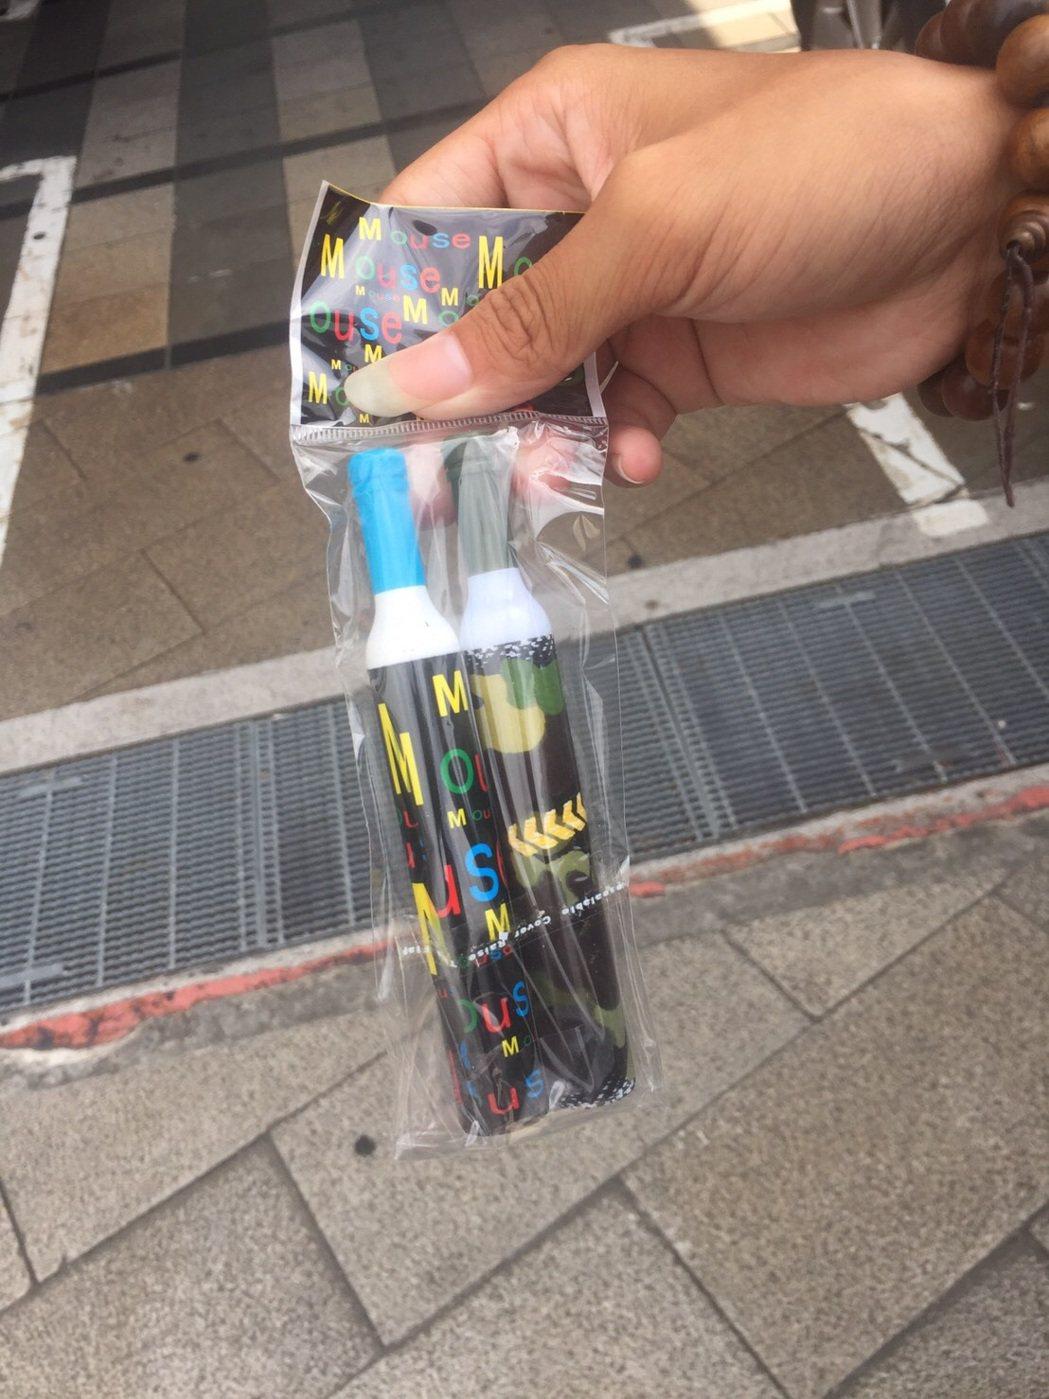 強賣愛心筆現象再起,台北市萬華警分局在西門町查辦強賣愛心筆少年。記者廖炳棋/翻攝